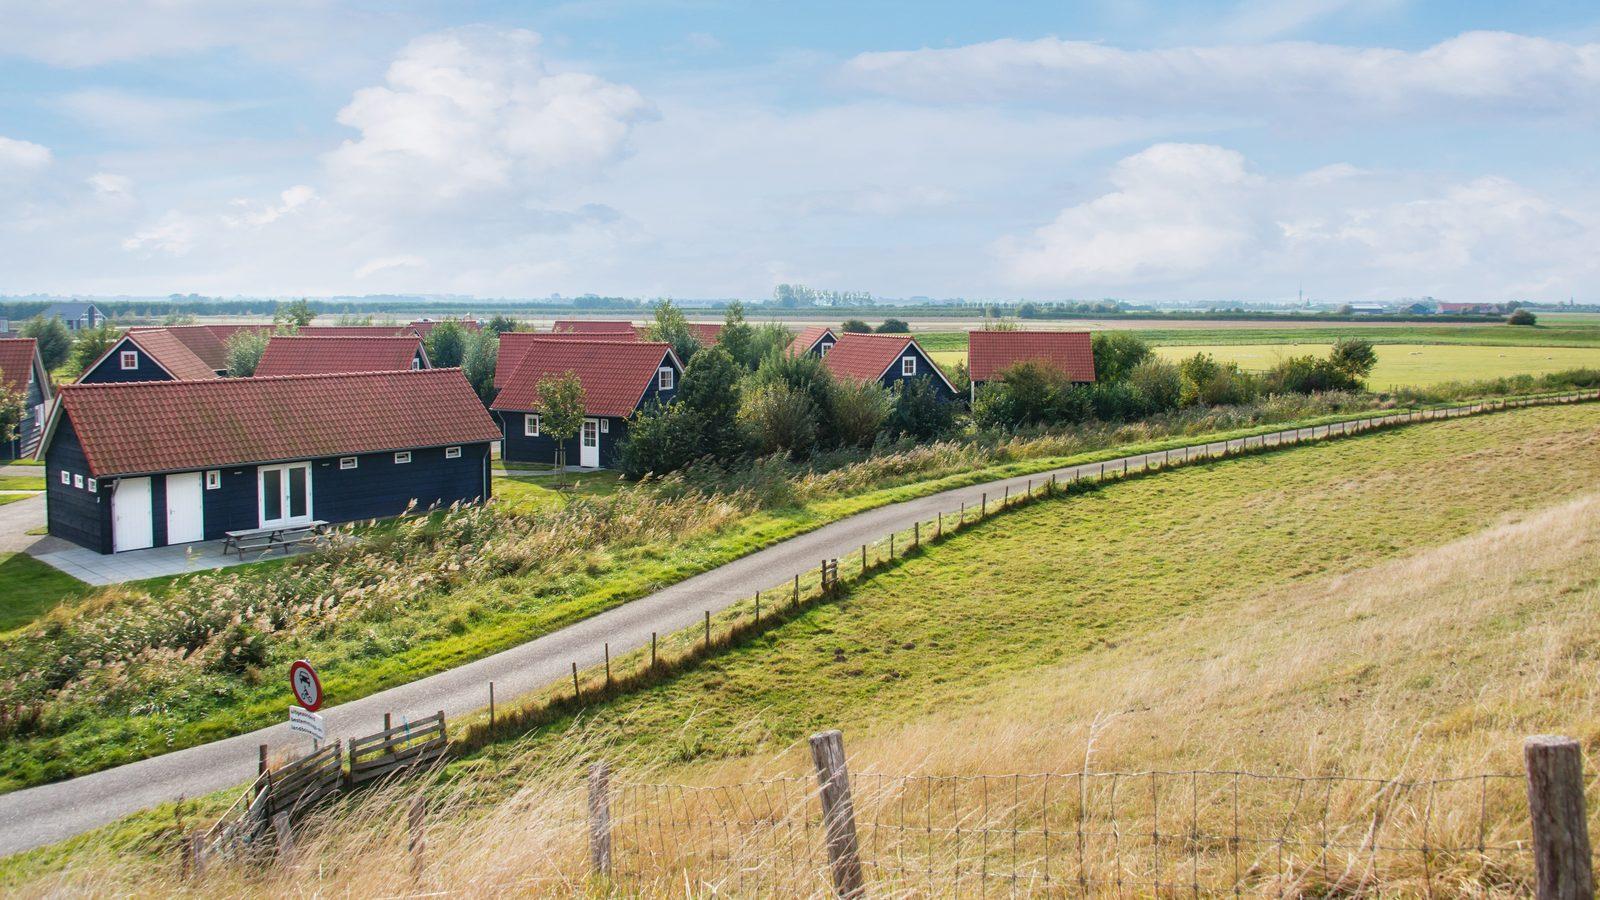 Bungalow für 5 Personen in Zeeland